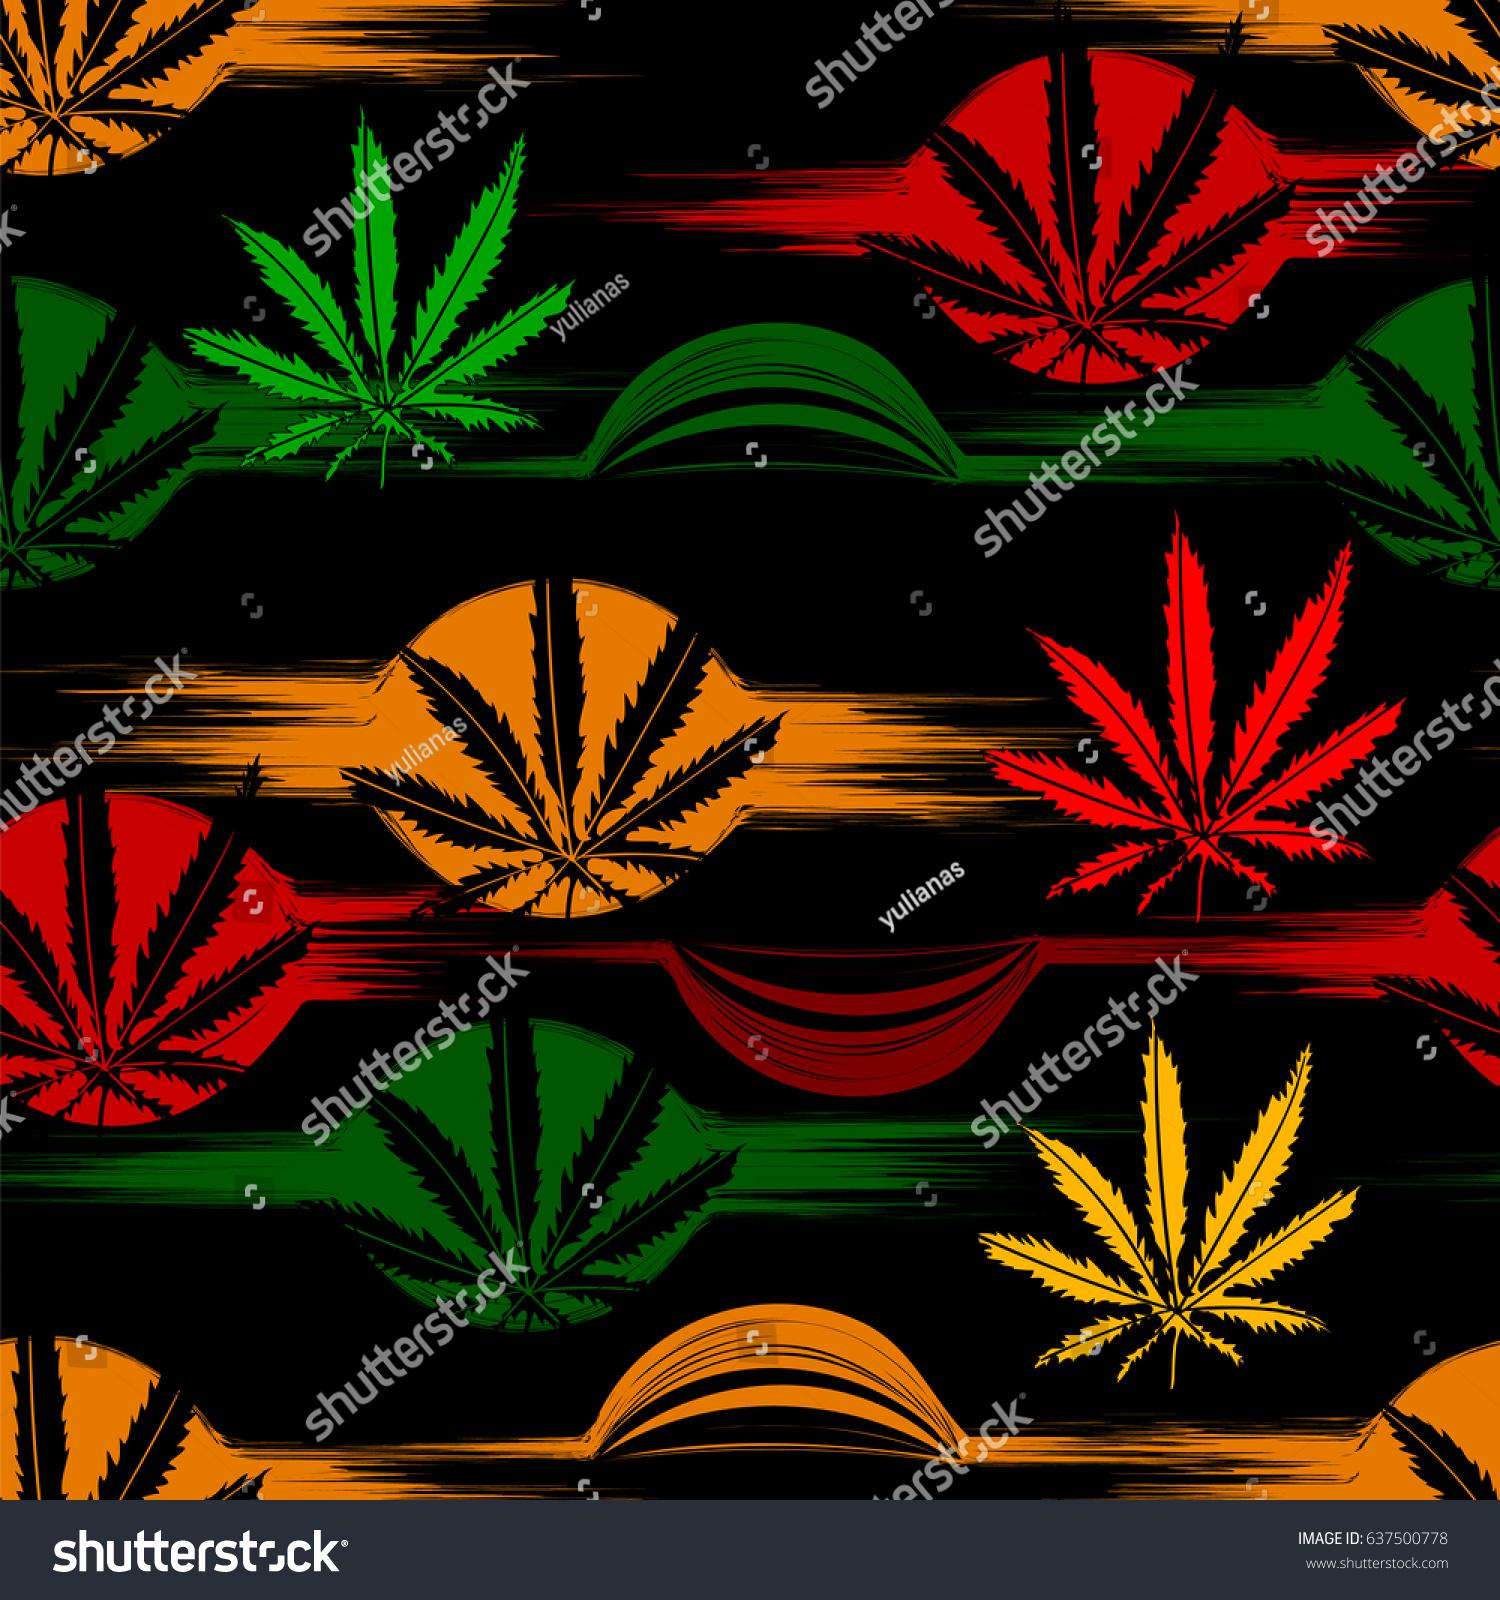 marijuana abstract wallpaper - photo #16